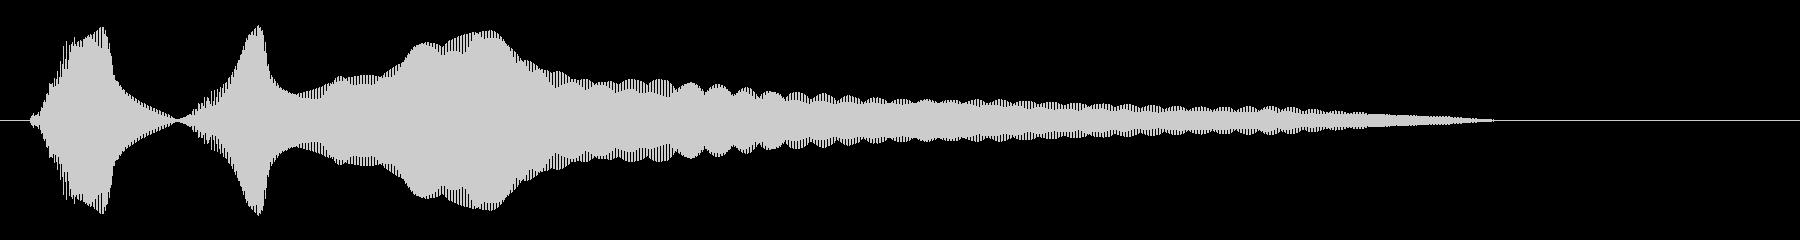 キラーン(金属音系)の未再生の波形